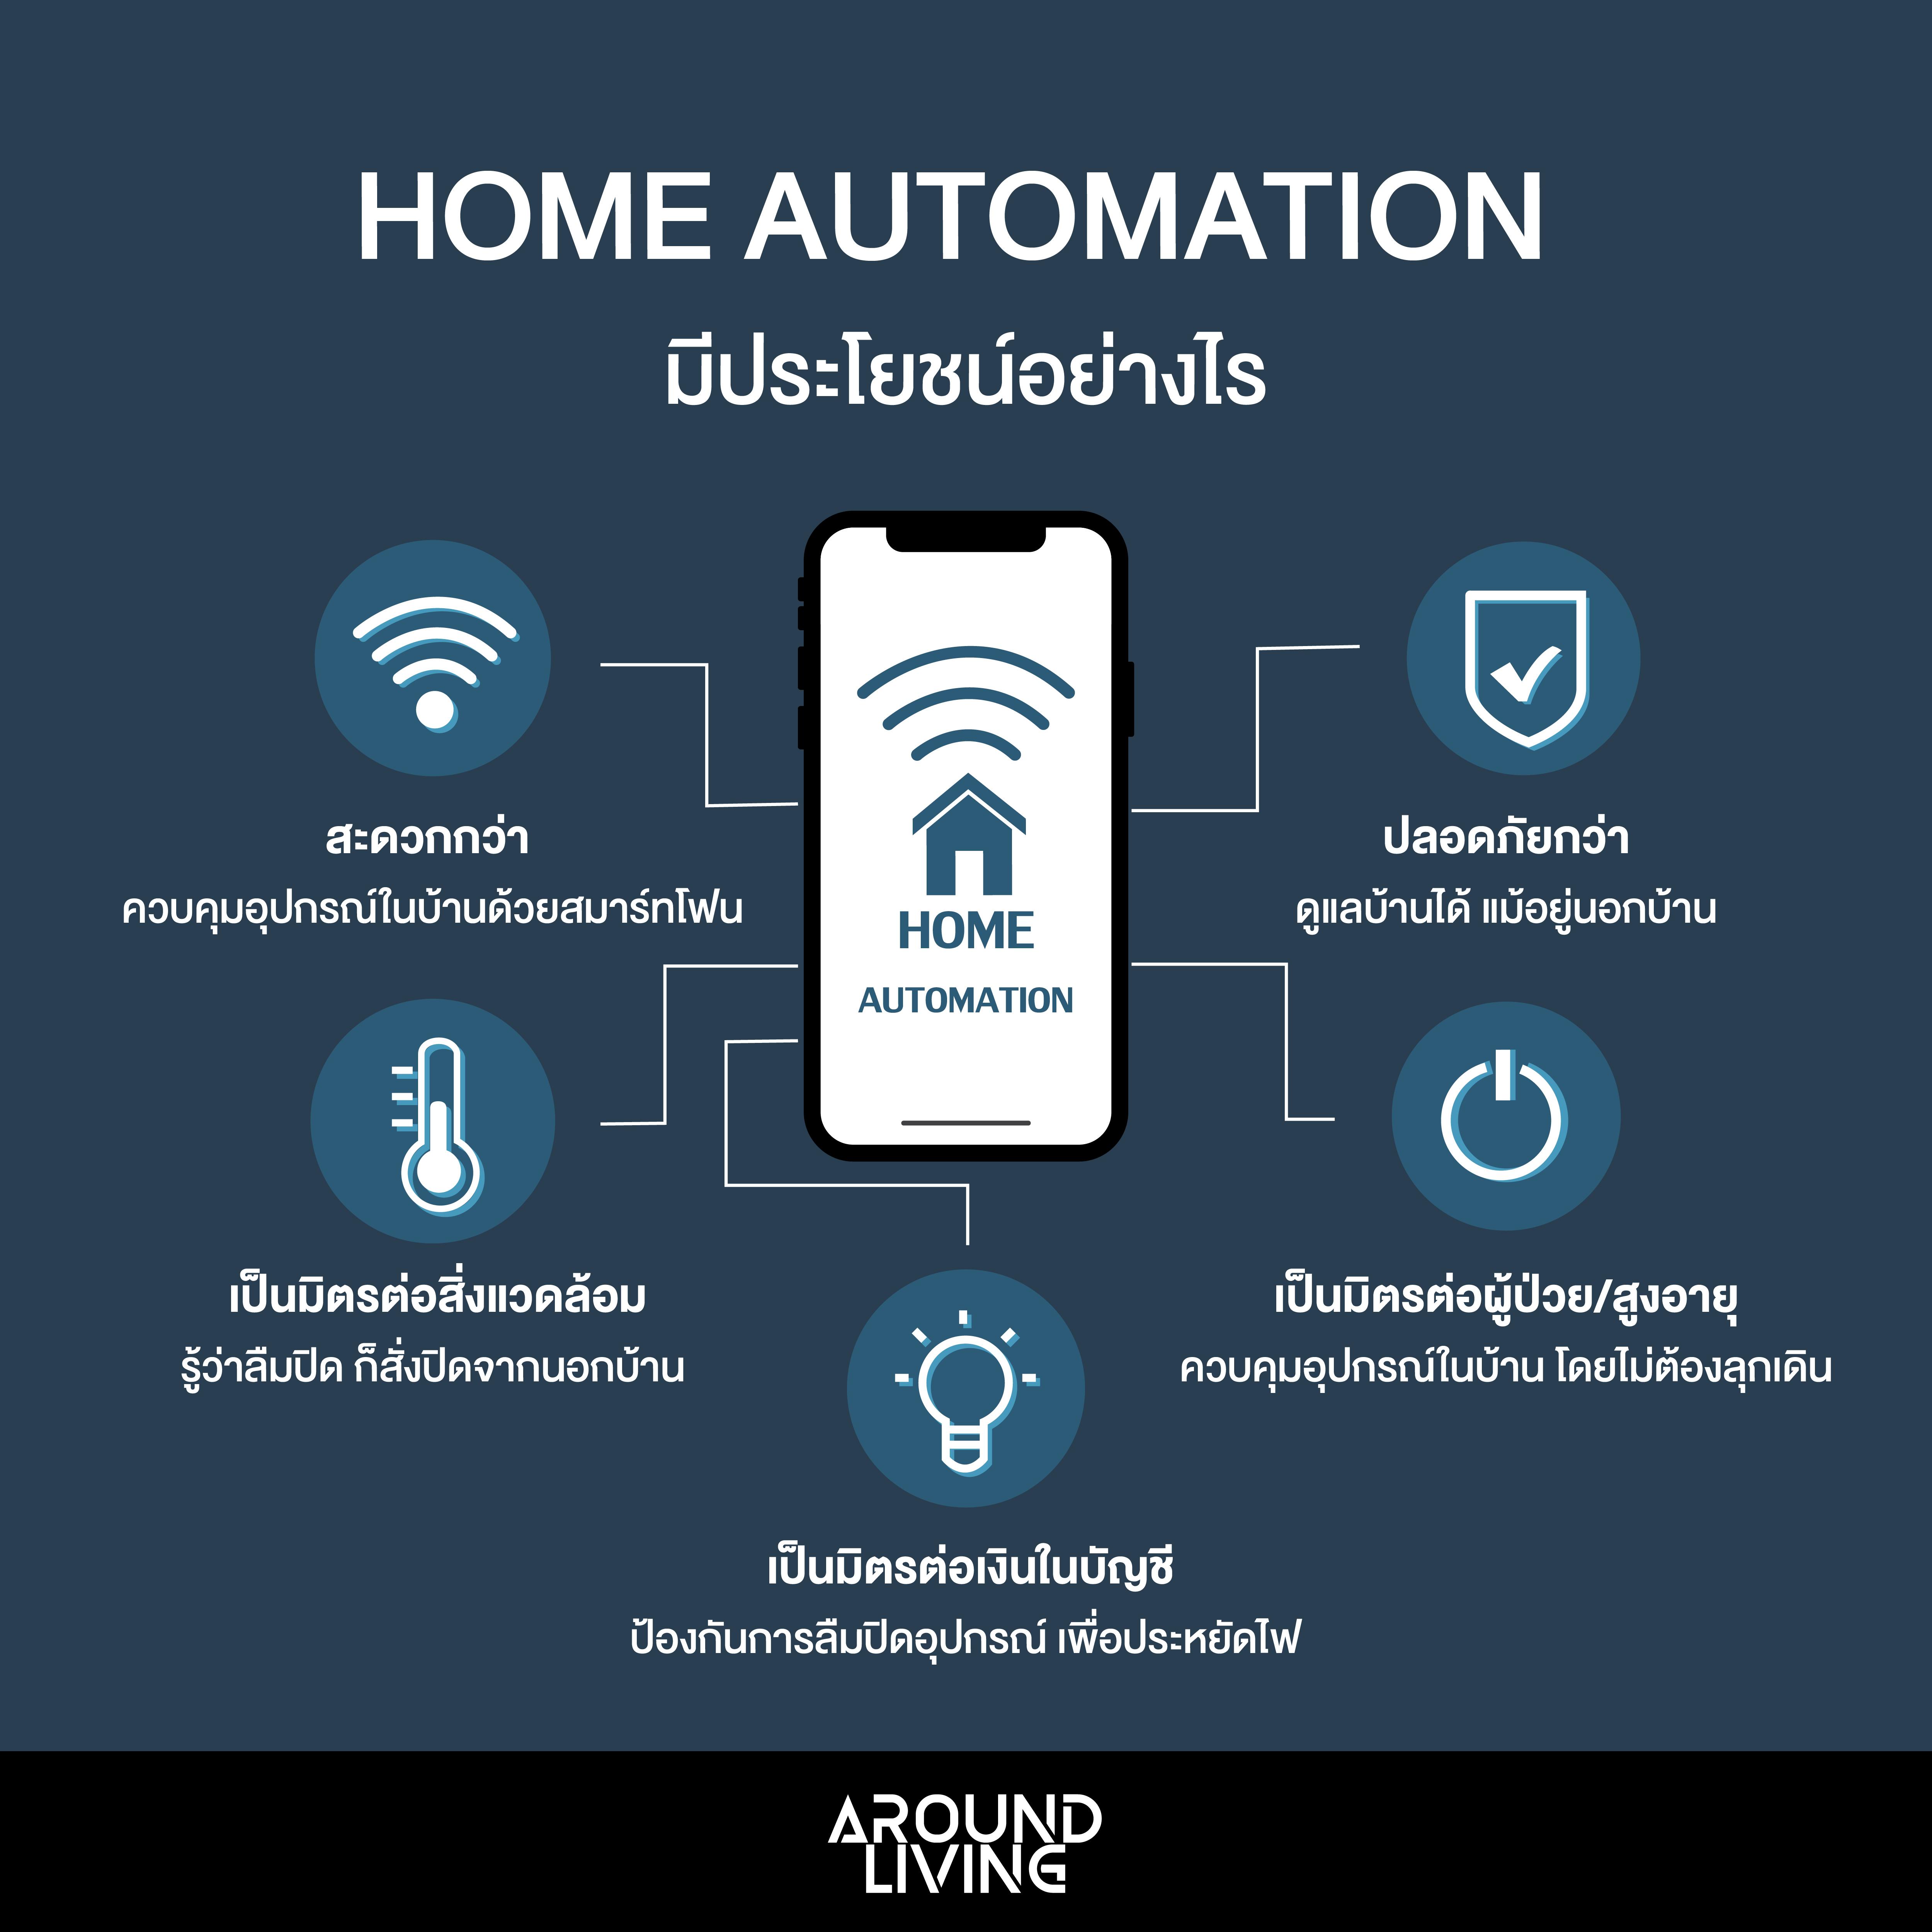 Home Automation – บ้านอัจฉริยะ